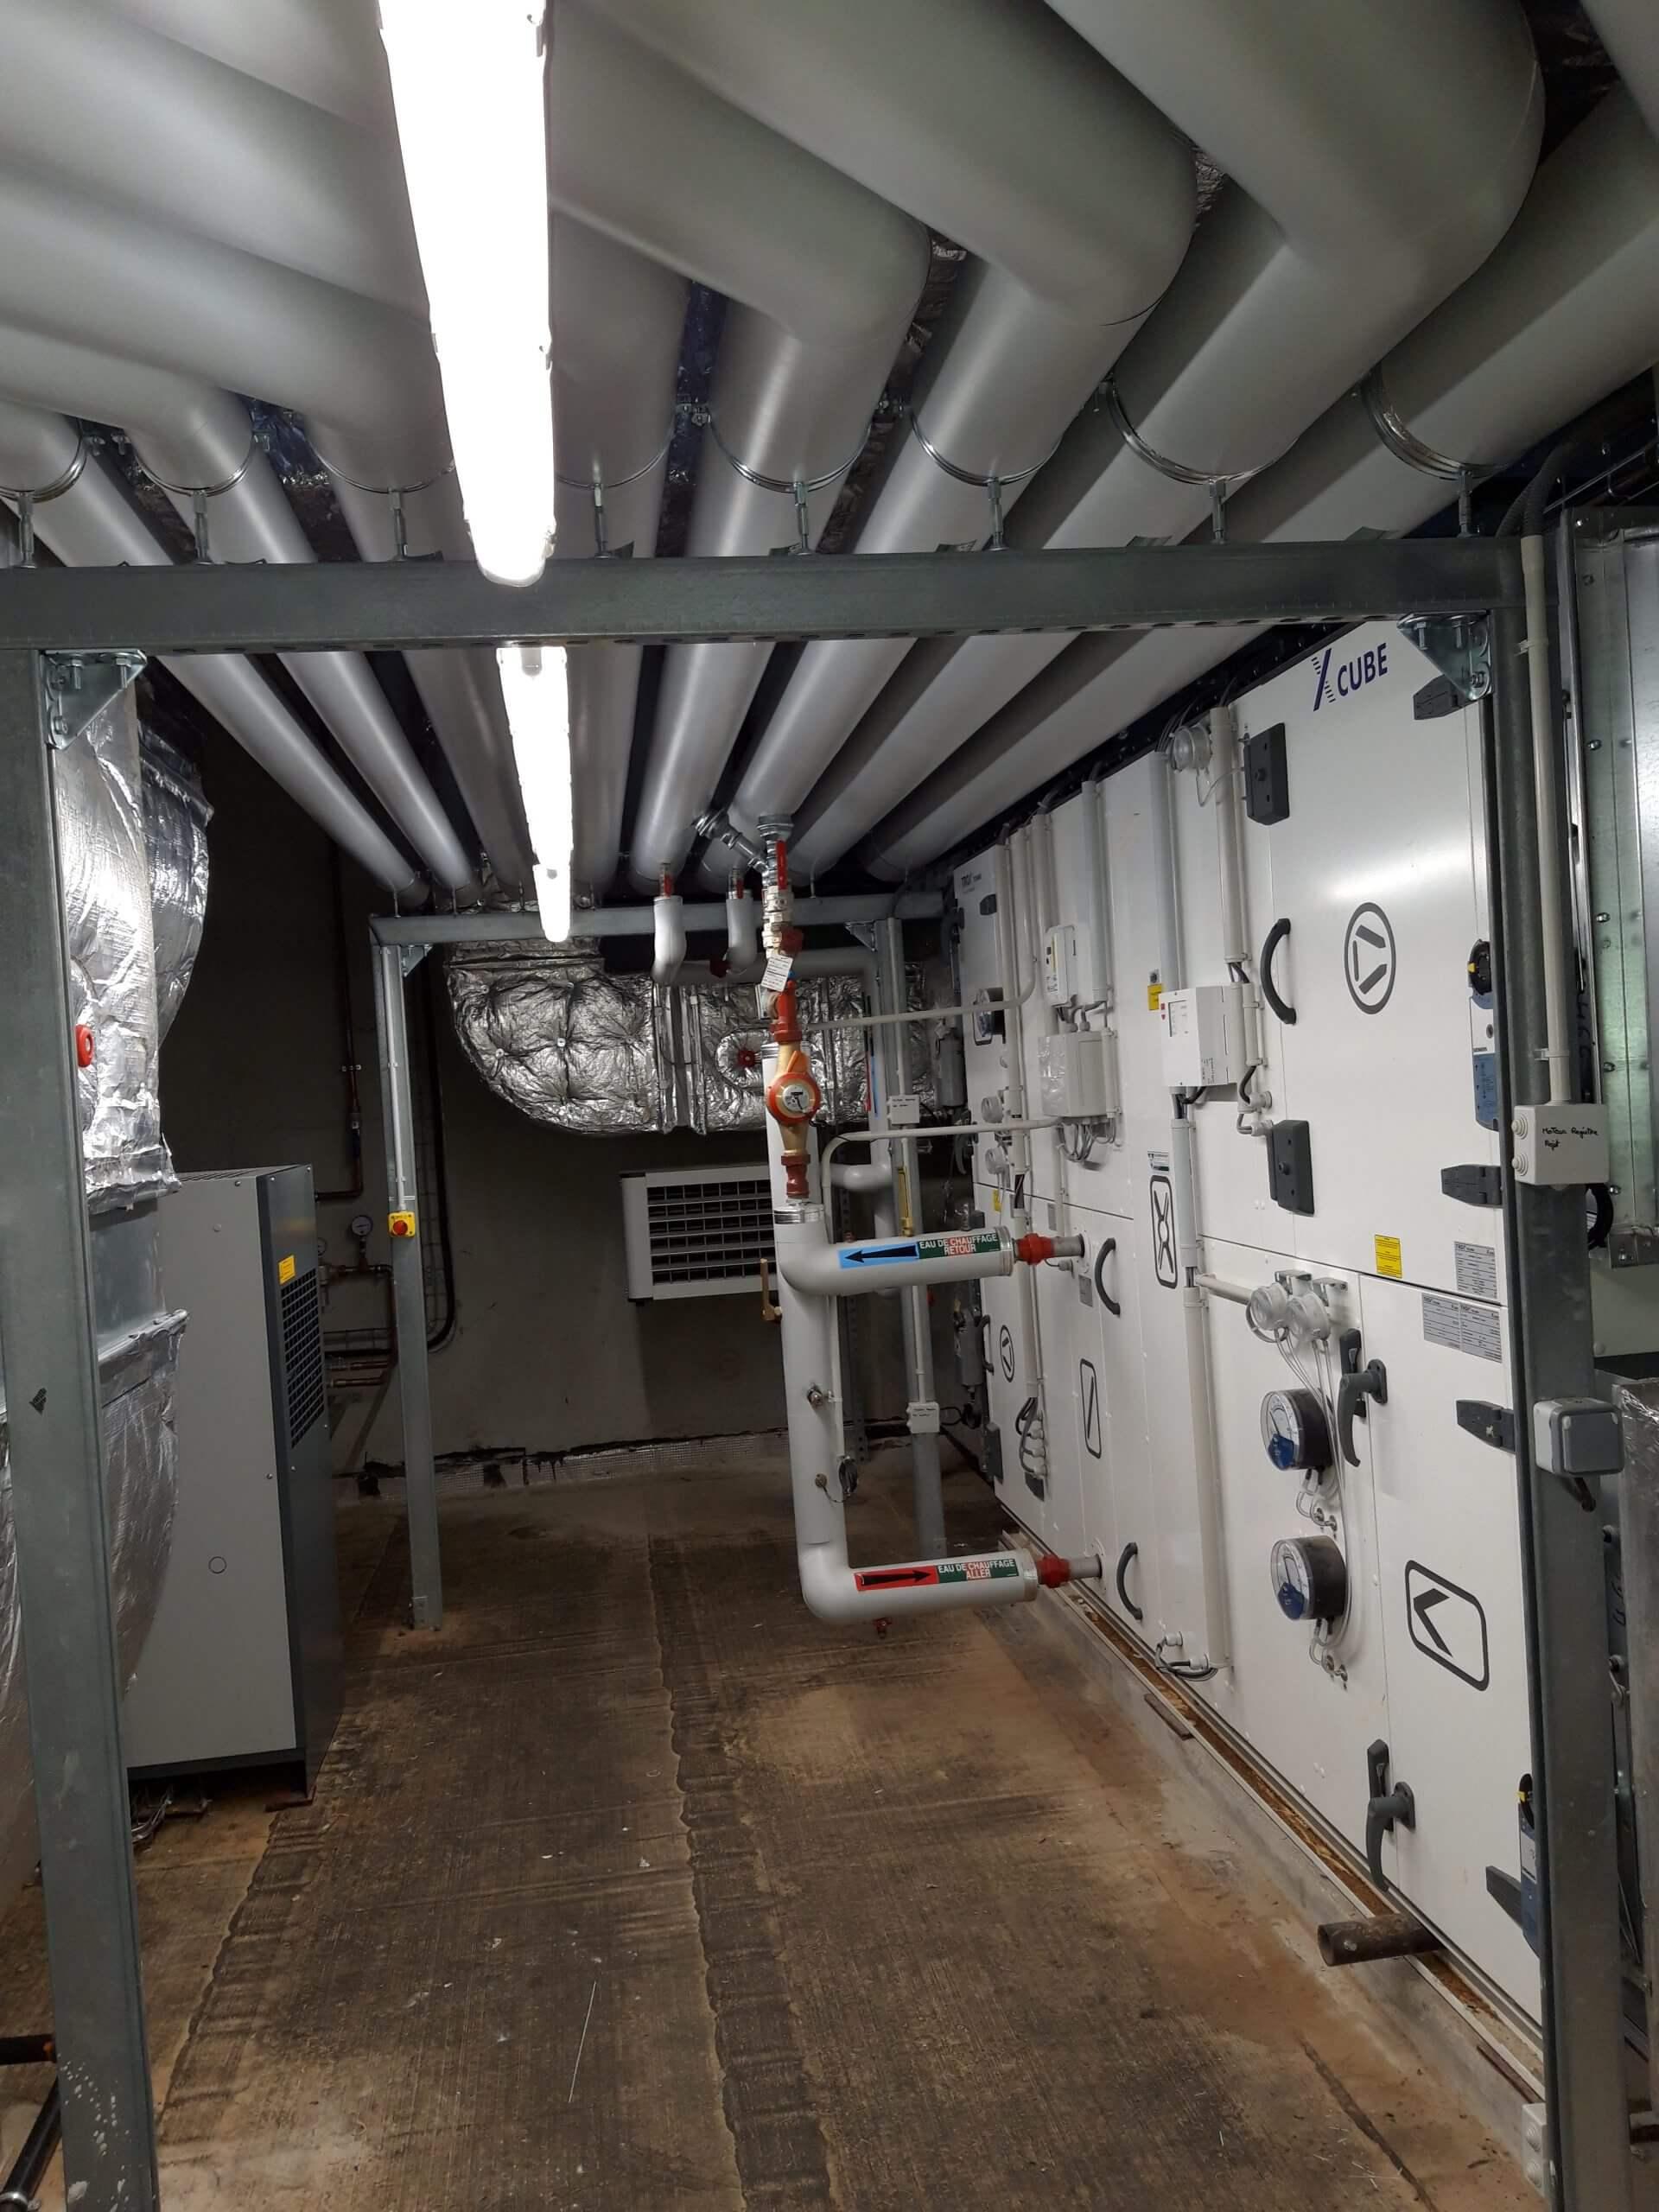 Systeme de ventilation - CEA - ICA SACLAY